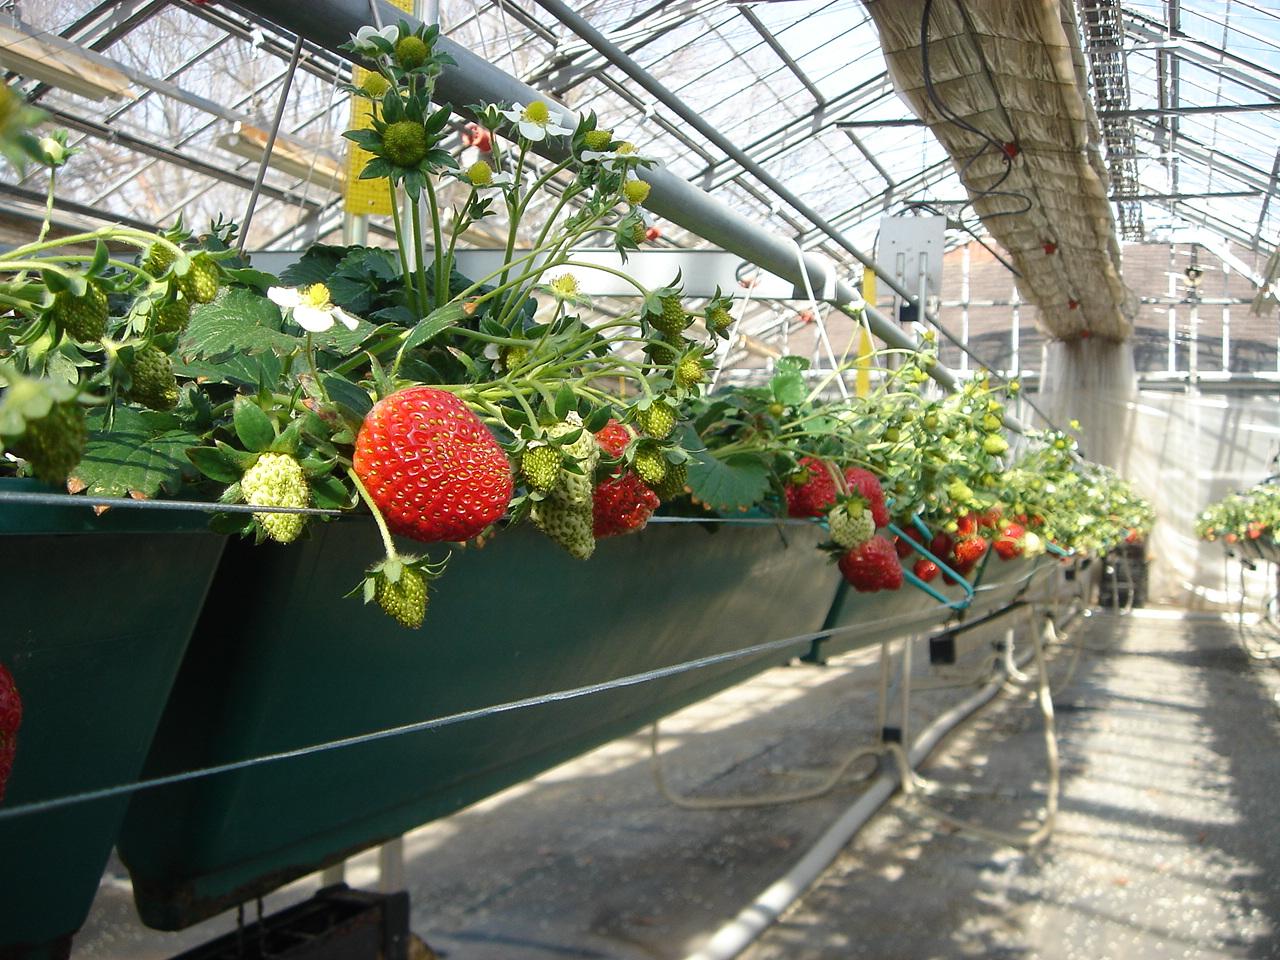 4月23日(土)にイチゴの収穫体験を開催します